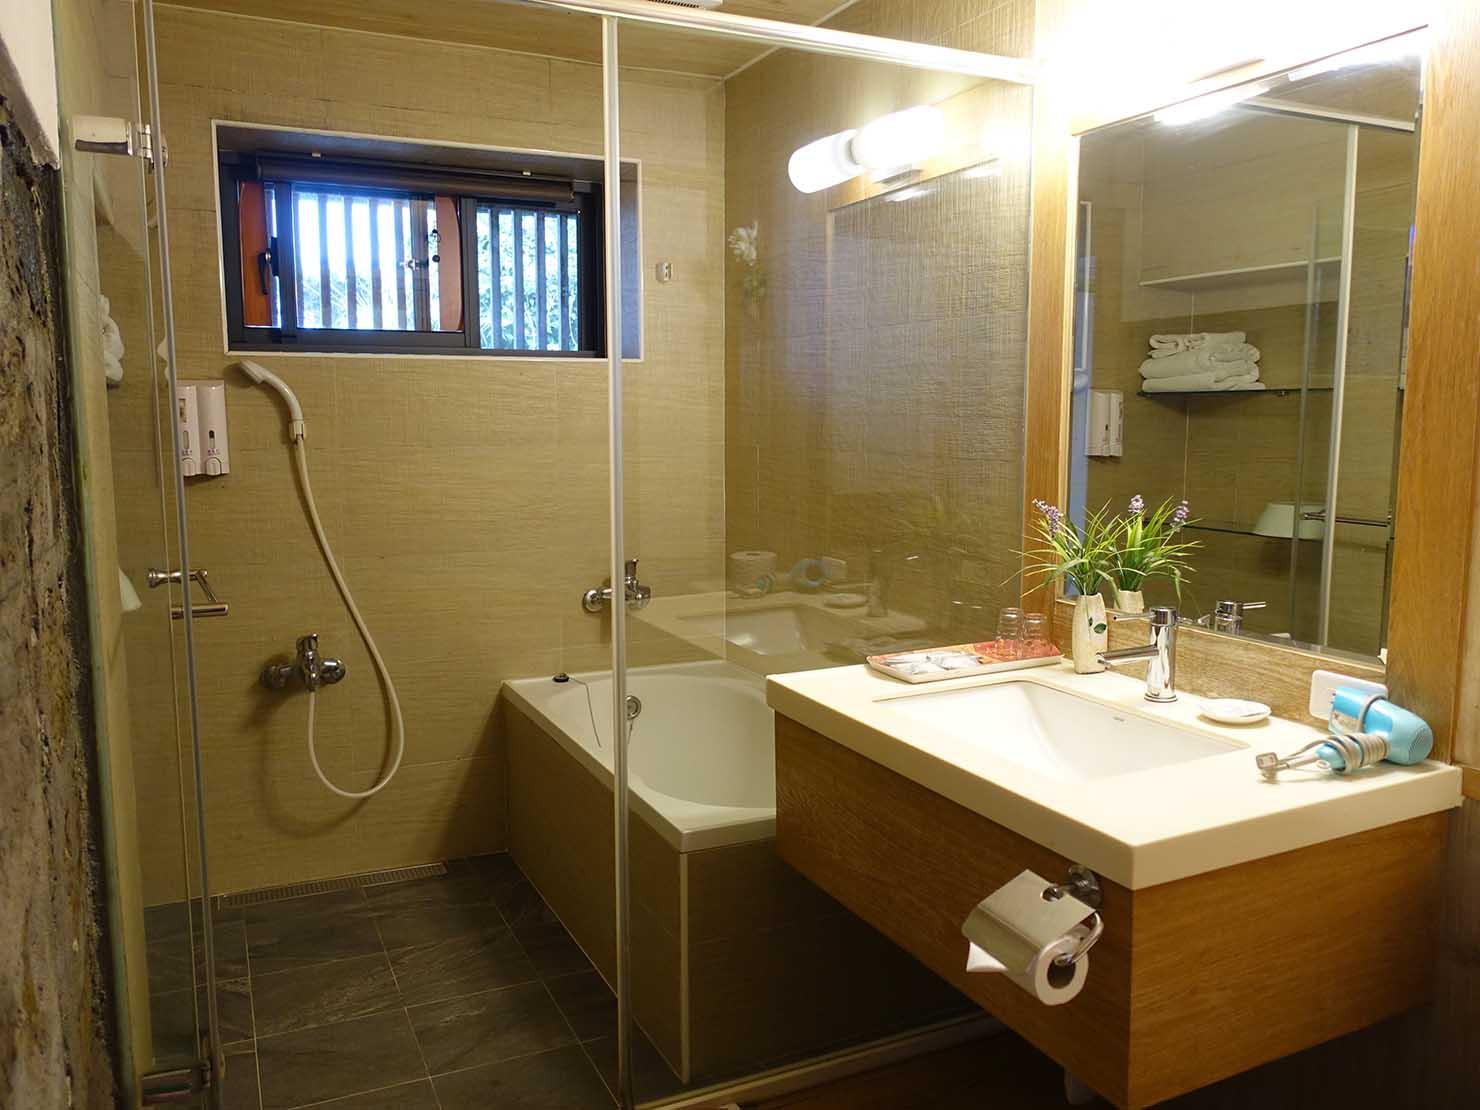 台北・九份のおすすめゲストハウス「九份小町」海景套房(オーシャンビュー・ダブルルーム)のバスルーム